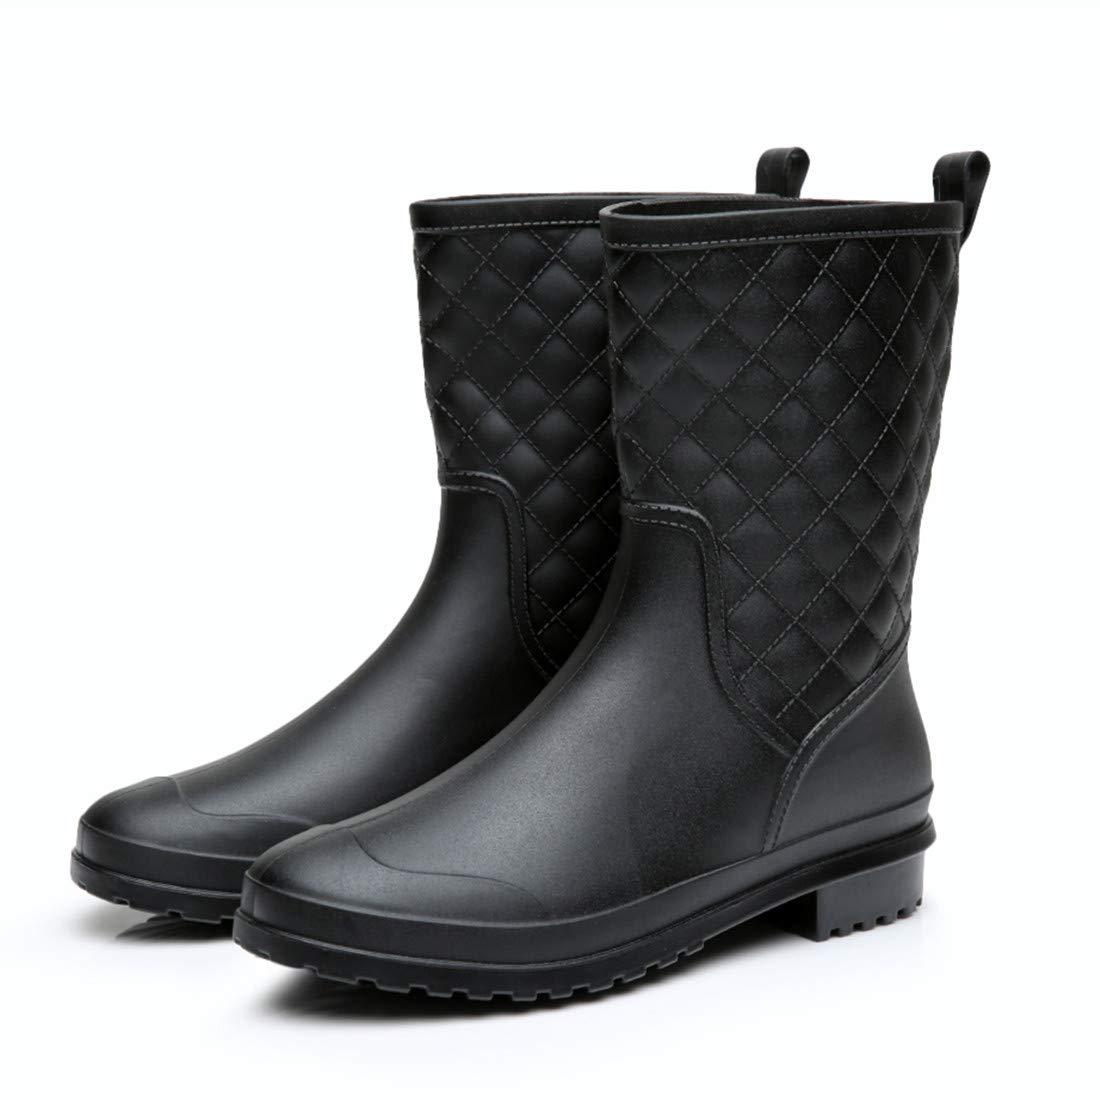 Yvmurain Women's Mid Calf Rain Boots Waterproof Garden Shoes Outdoor Work